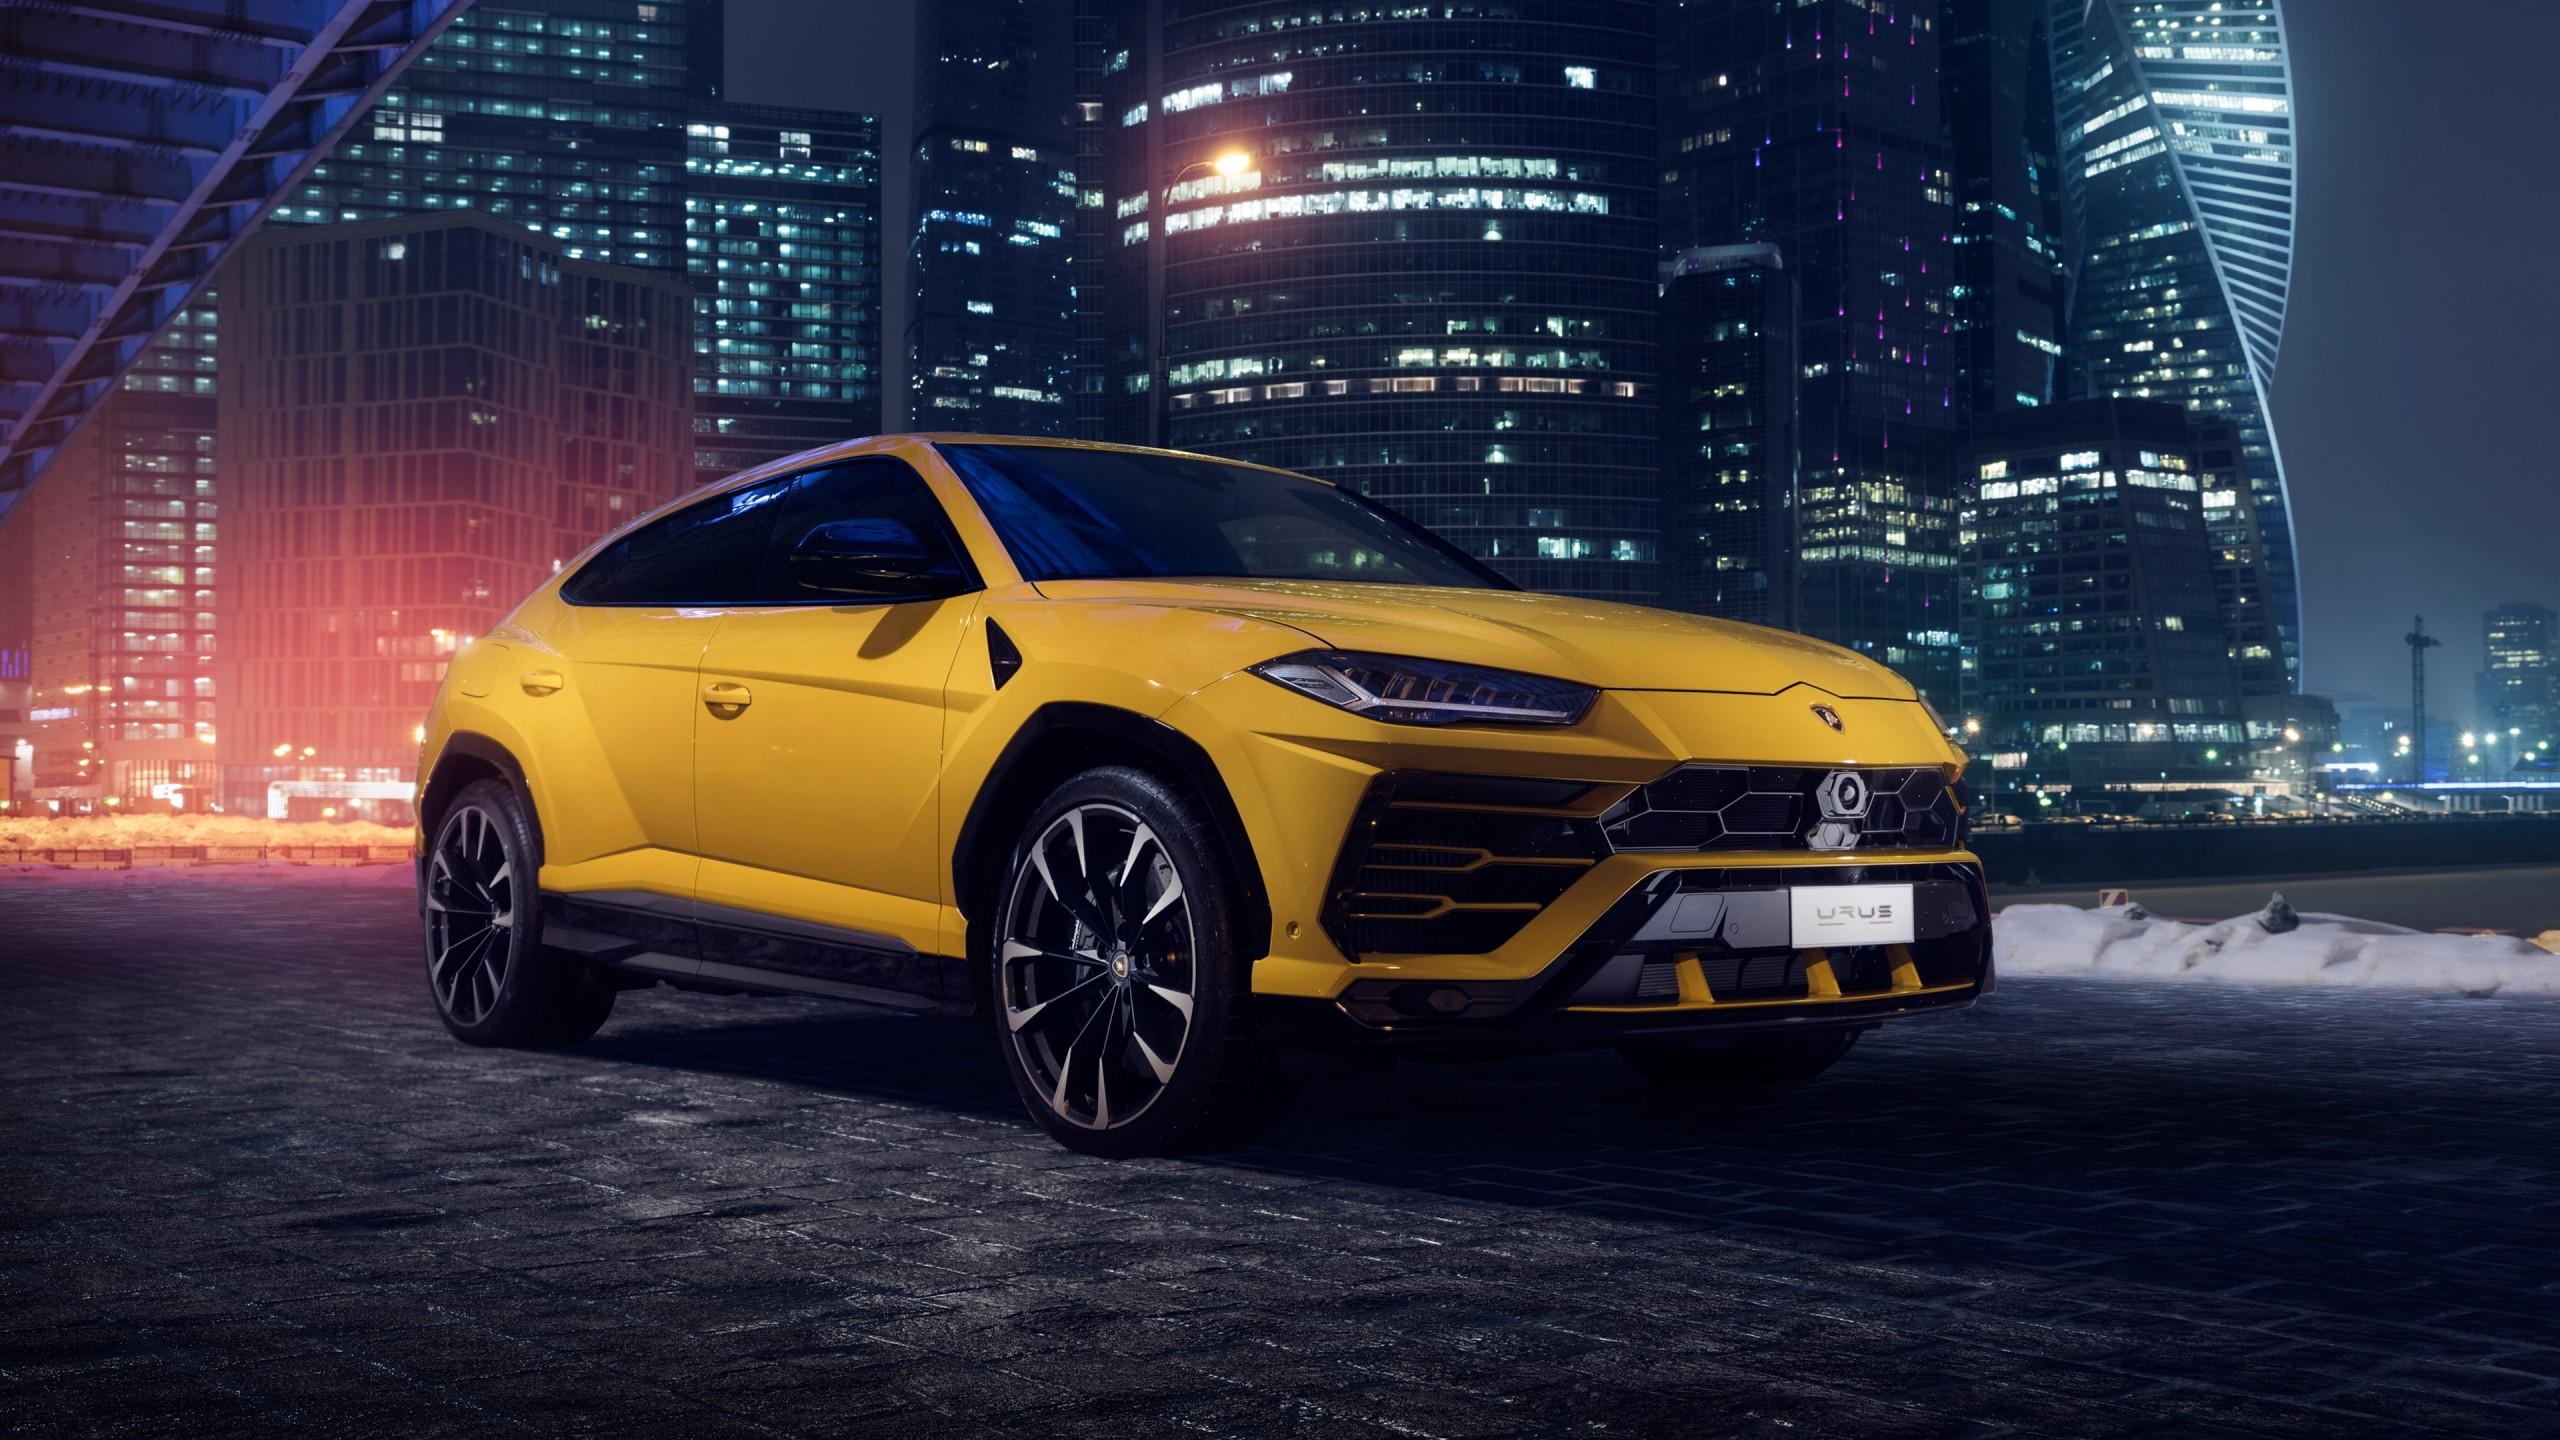 Hd Jaguar Car Wallpaper Download Lamborghini Urus 2018 4k 8 Wallpaper Hd Car Wallpapers